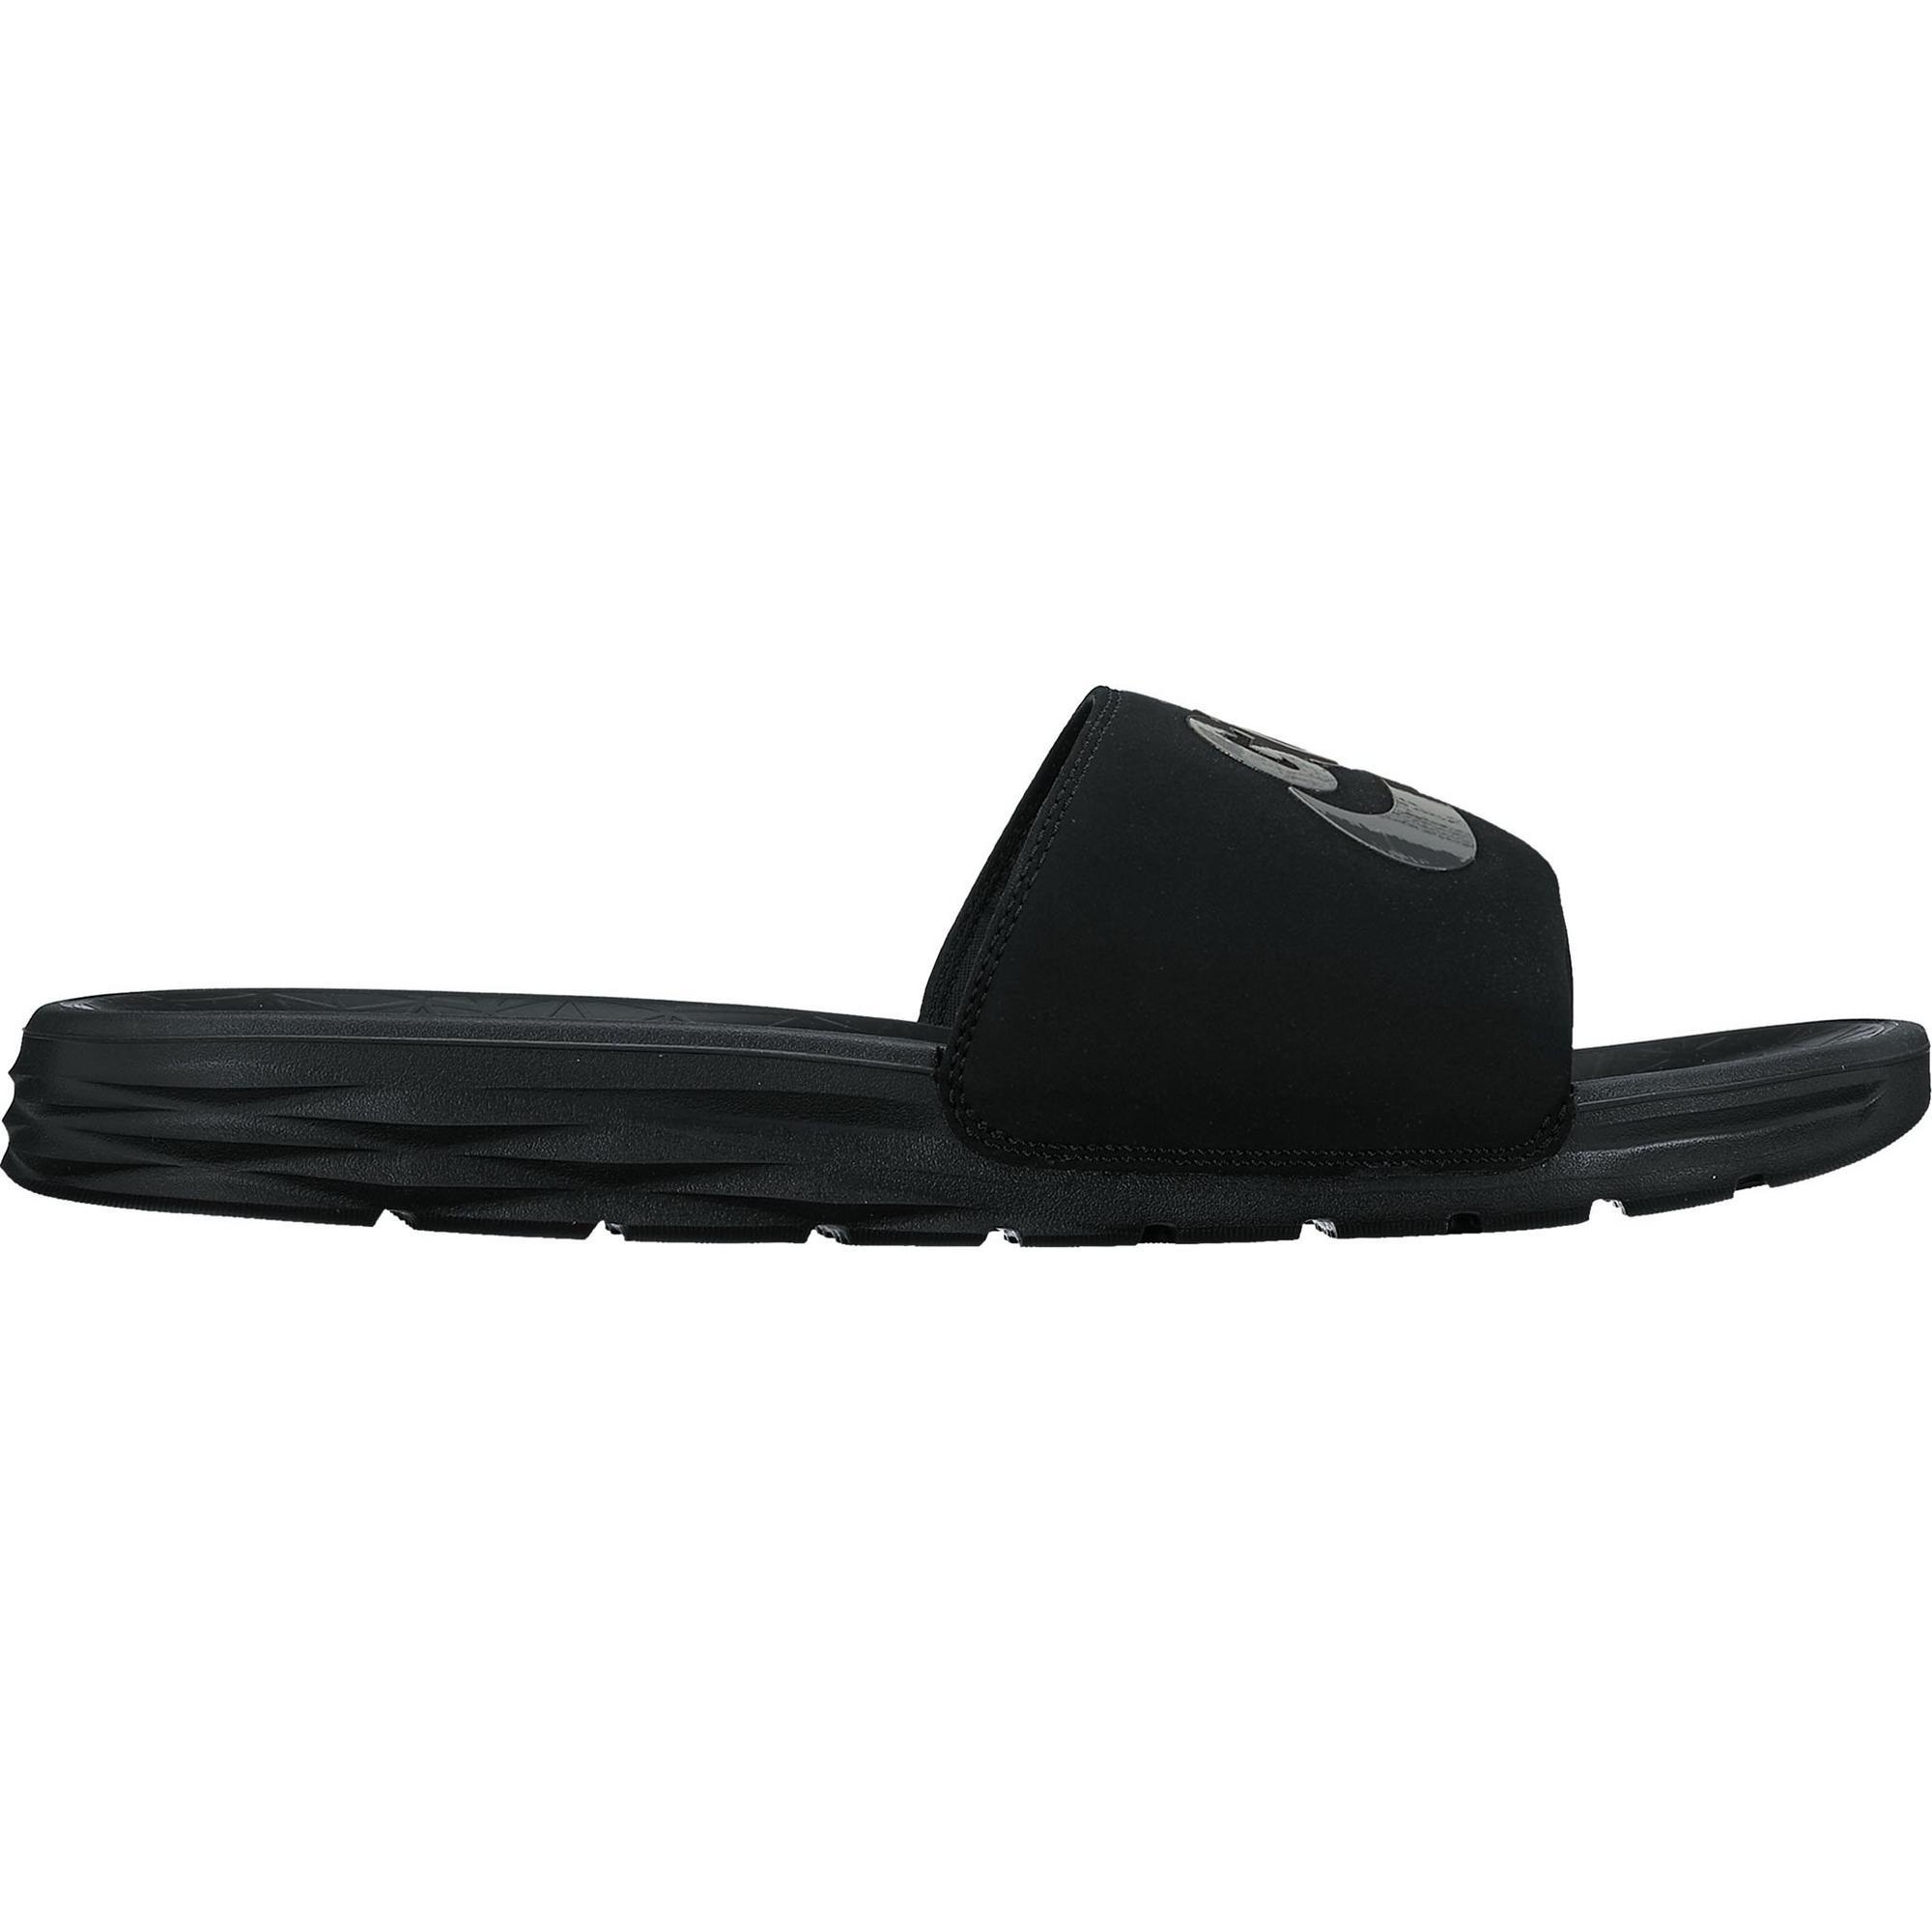 Men's Benassi Solarsoft 2G Slide Sandals - Black